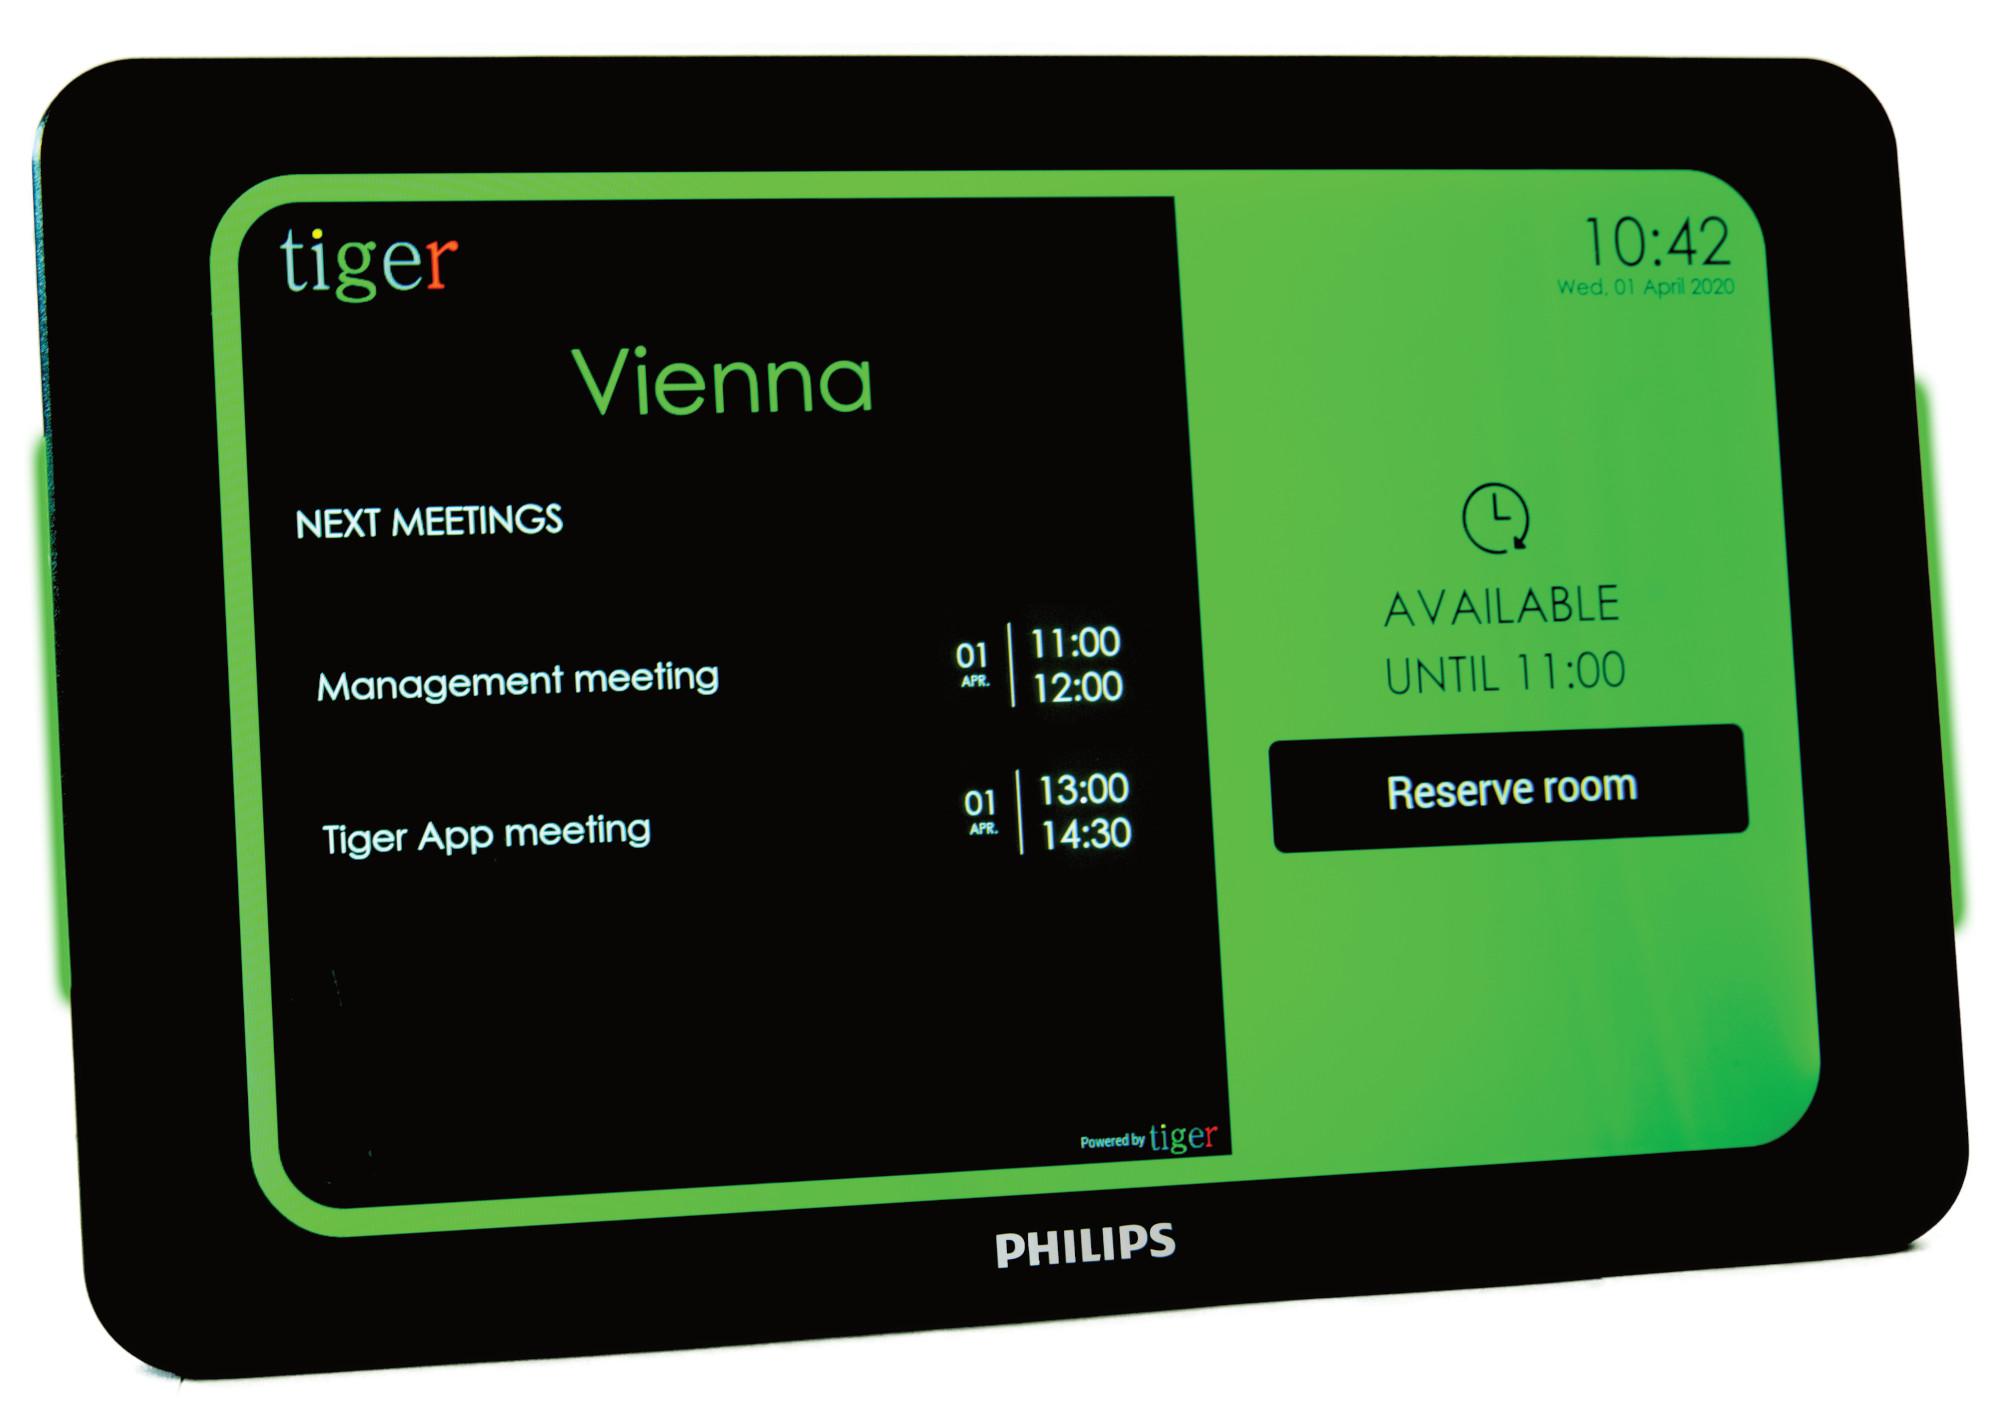 booking-screen-green-light.jpg